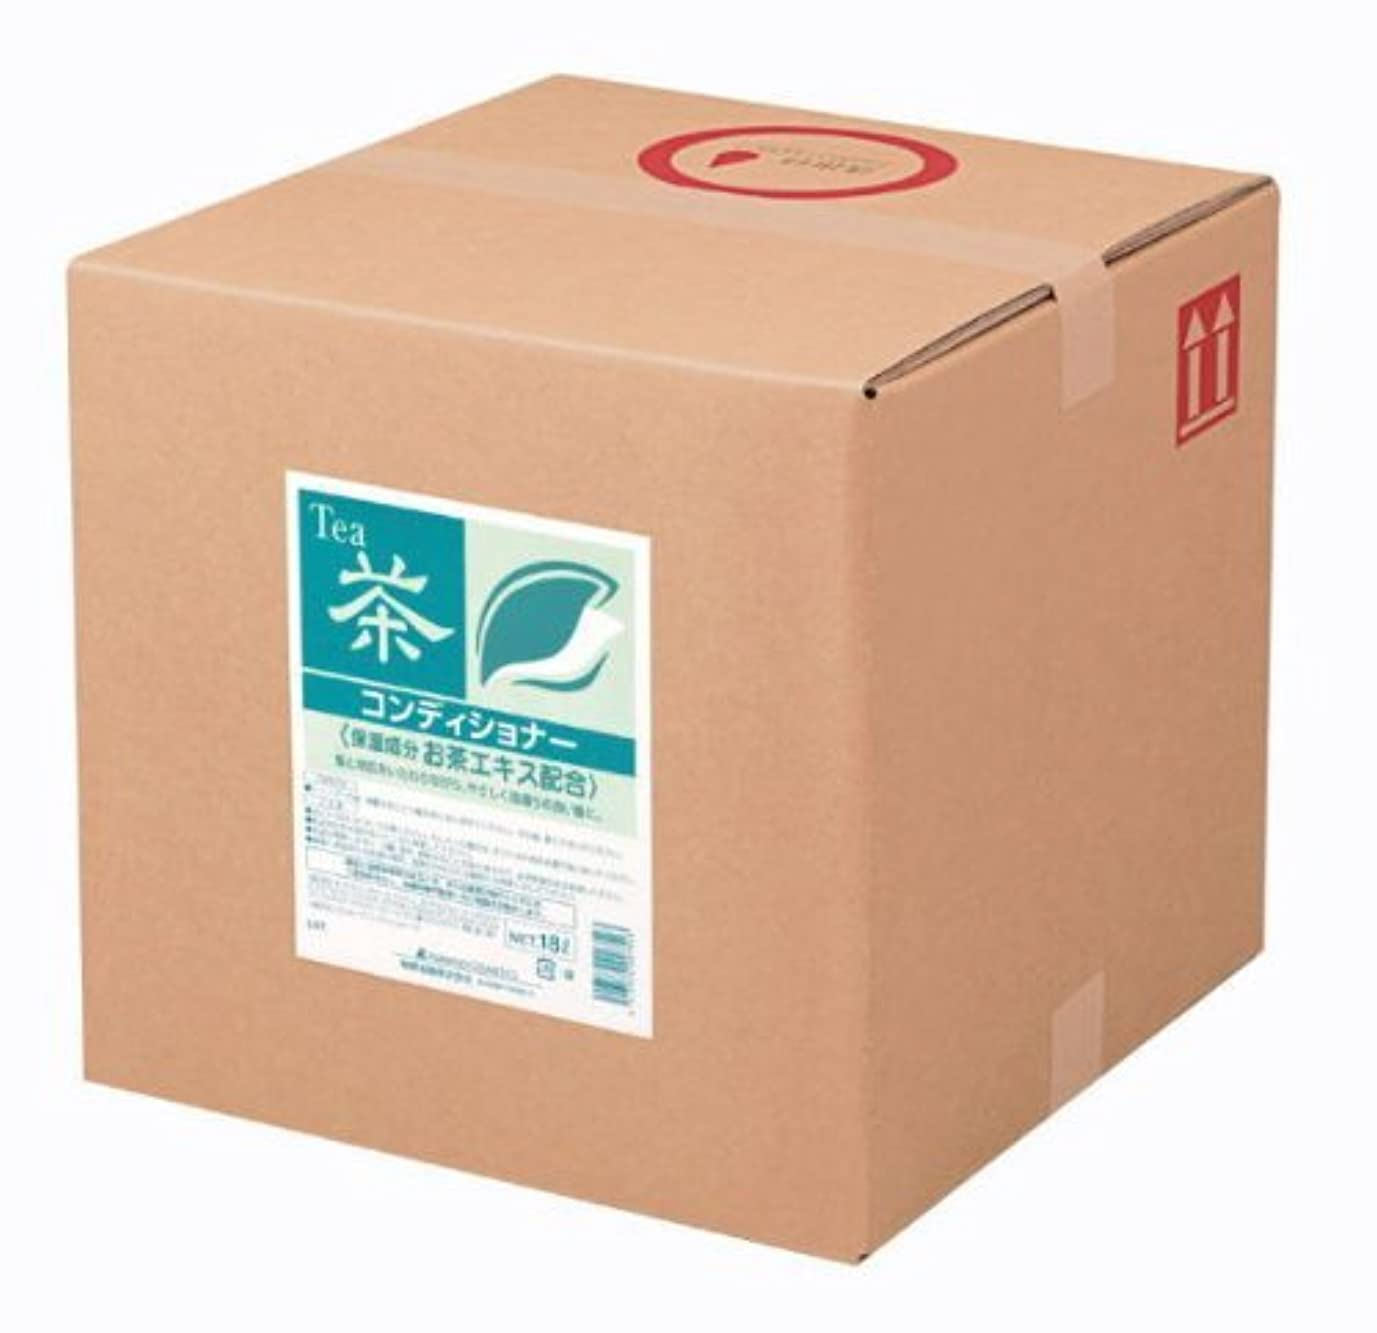 熊野油脂 業務用 お茶 コンディショナー 18L